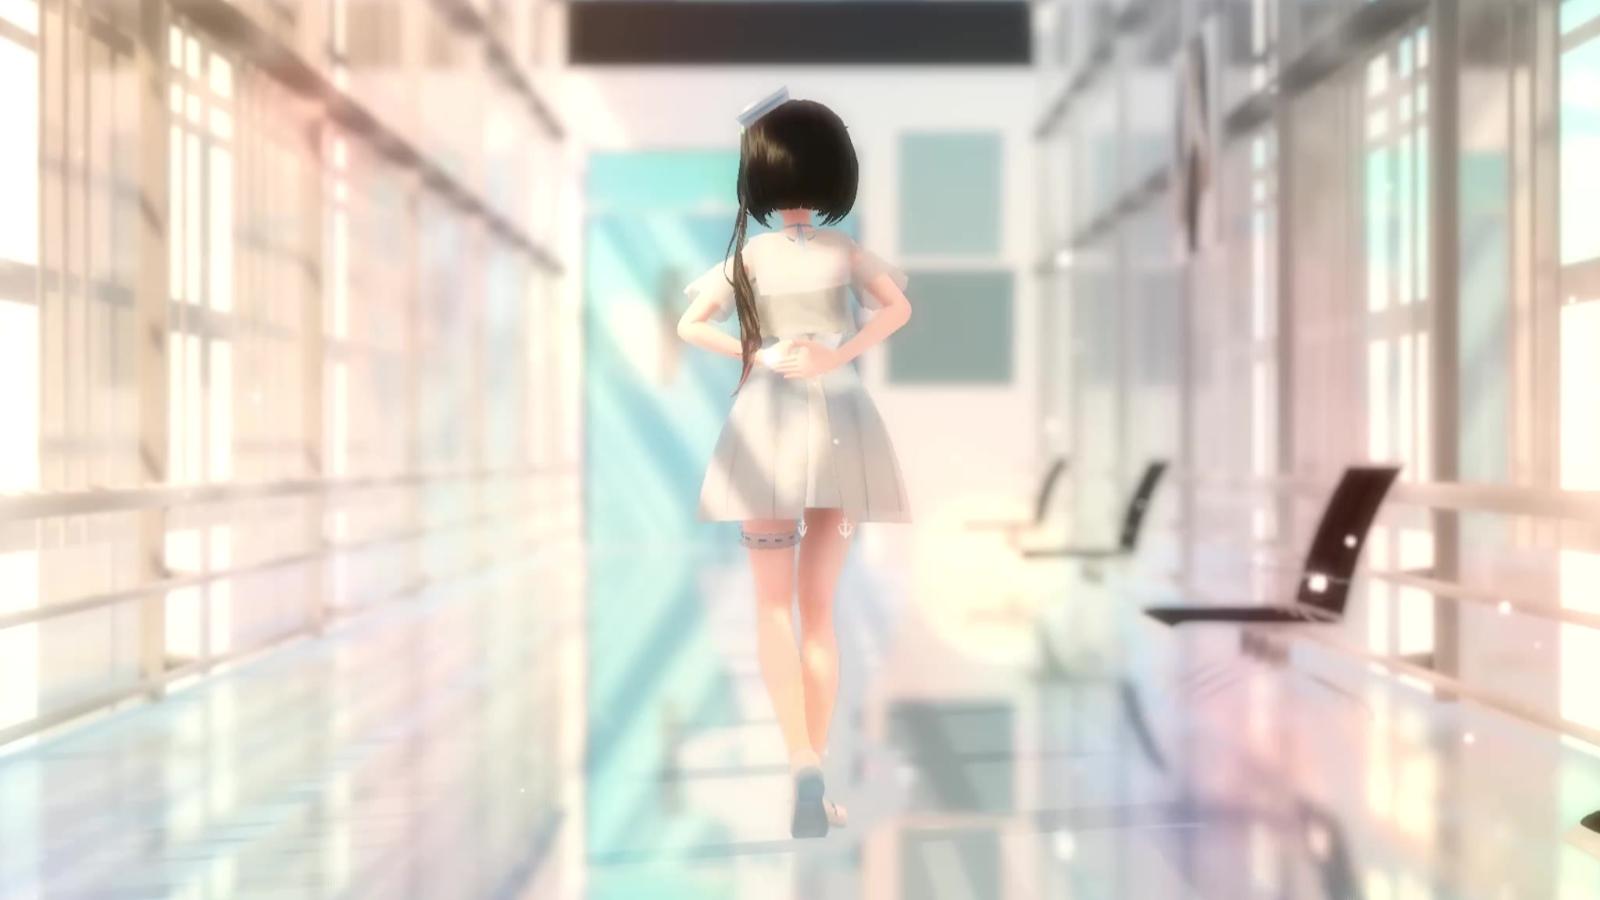 【MMD】冷鸢 触摸天空